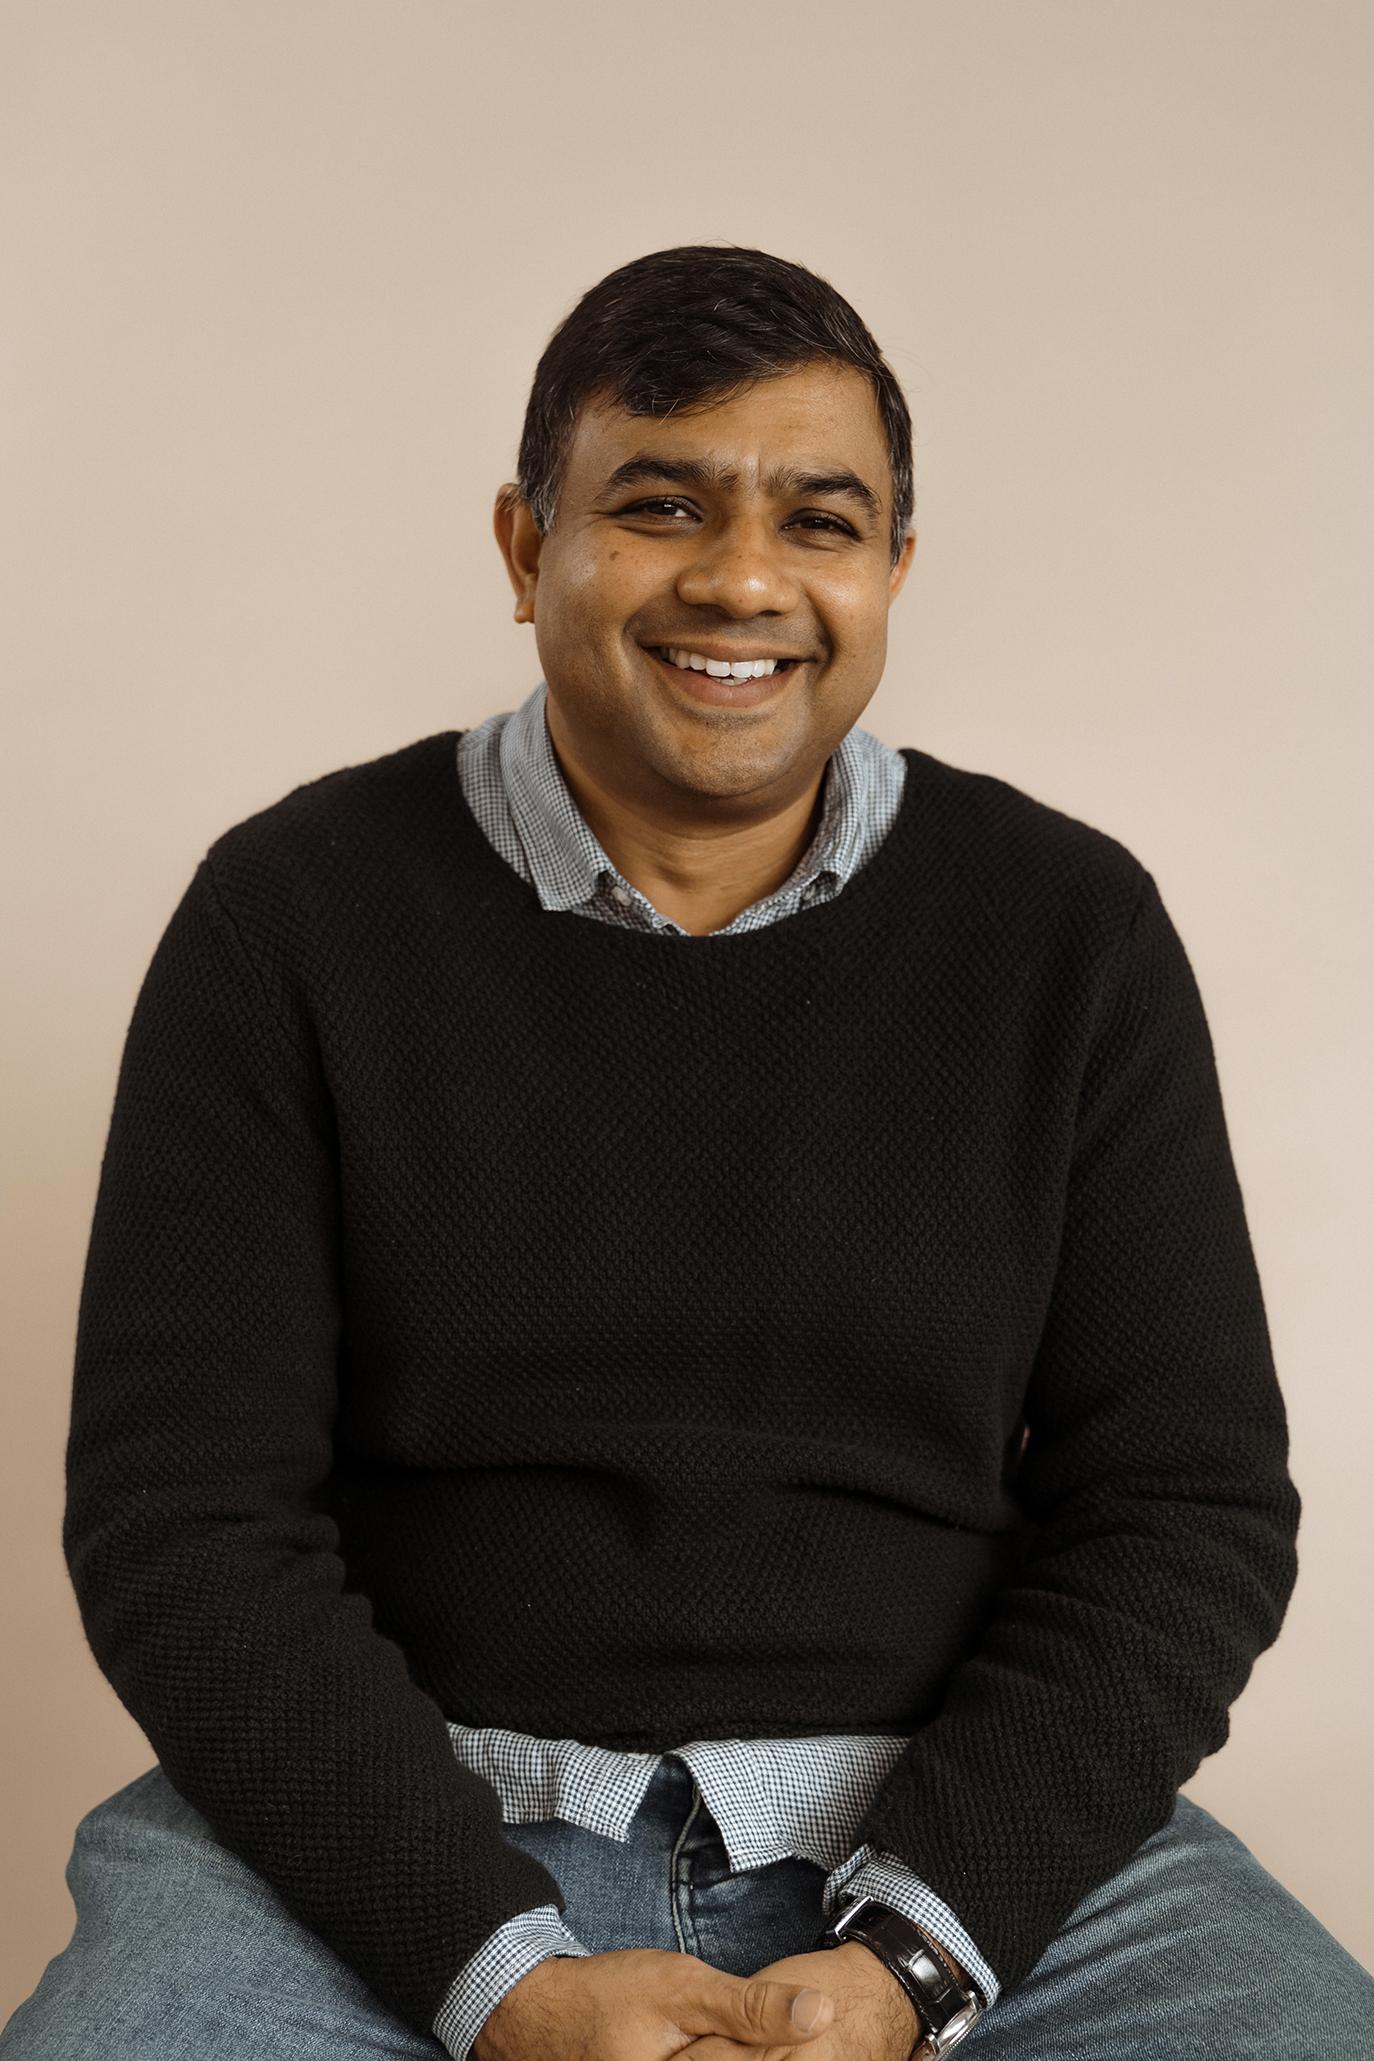 கிப்ஸ்லேண்டிற்கு வருக. Mageswaram Venkatachalam. Tamil/India.